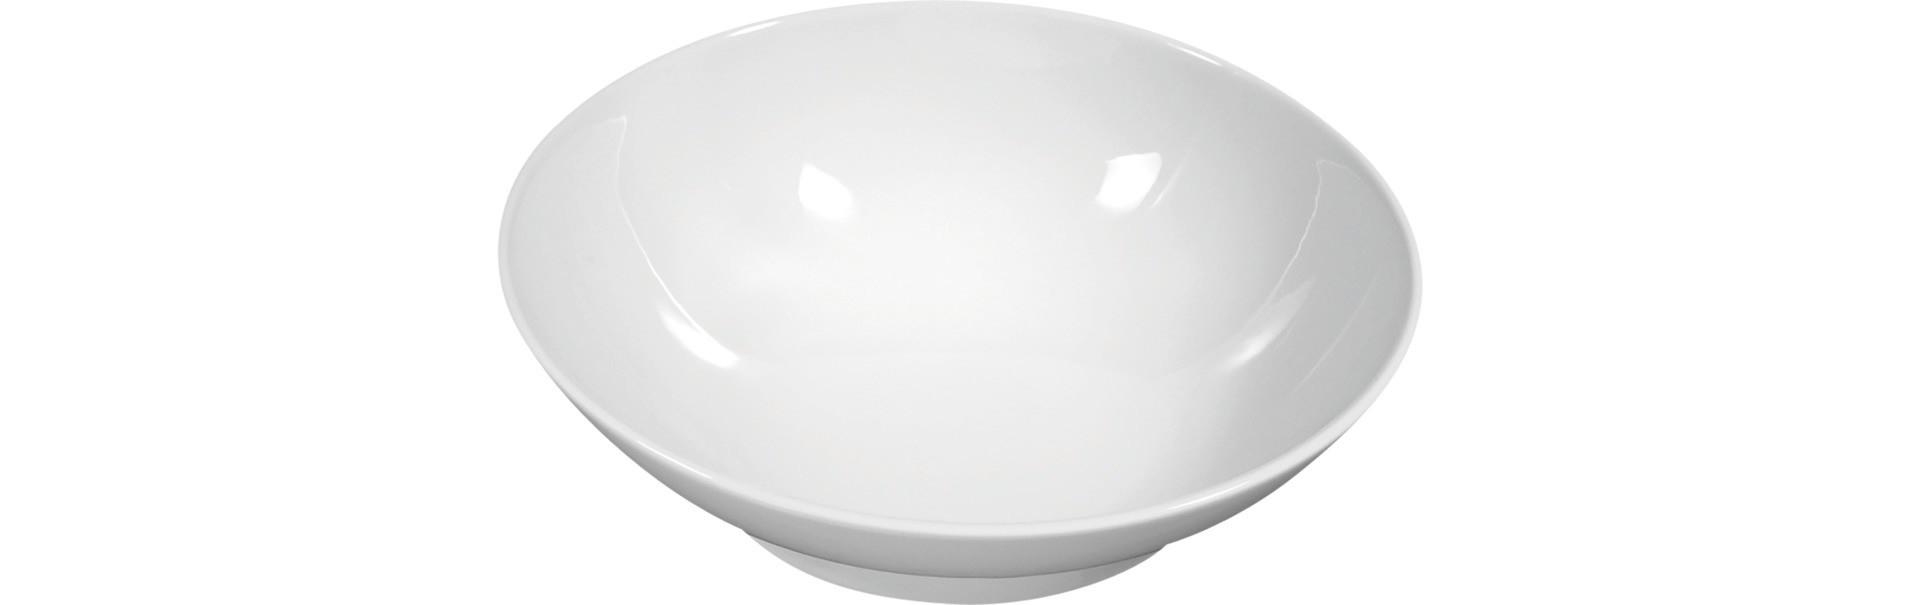 Buffet Gourmet, Frischeschale rund ø 300 mm / 2,12 l